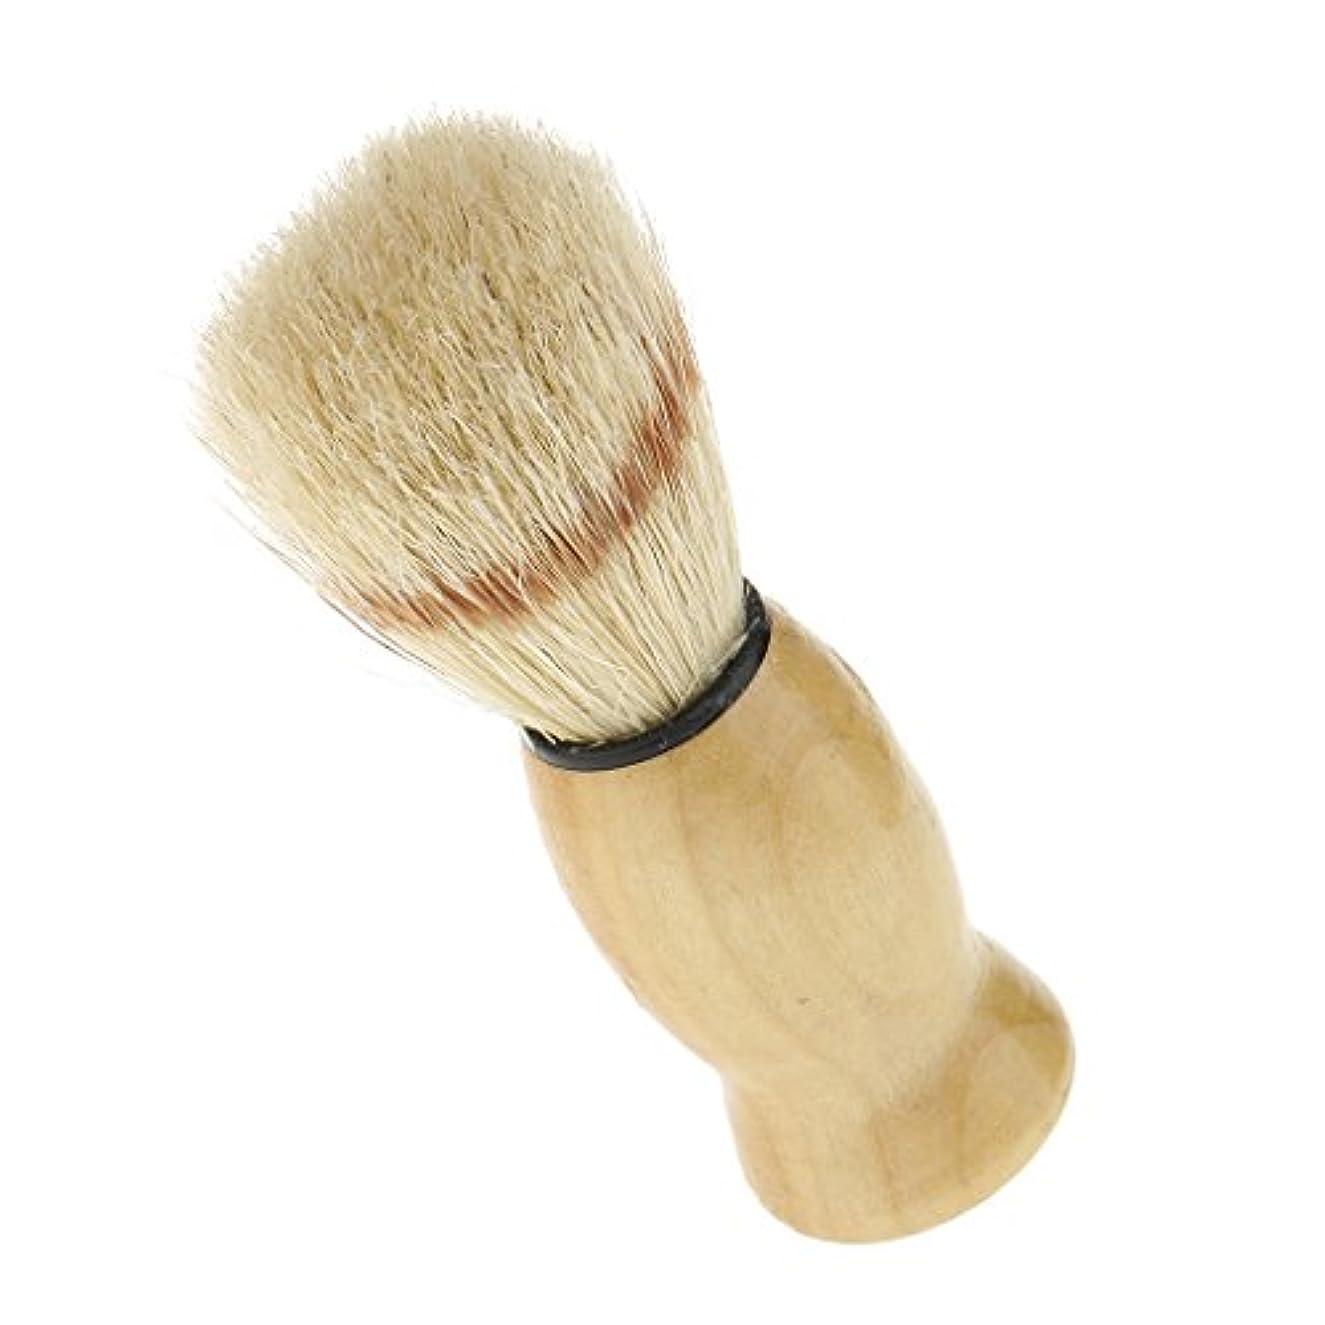 悪党リマーク活気づけるsharprepublic メンズ用 髭剃り ブラシ シェービングブラシ 男性 ひげブラシ 父の日ギフト 全2色 - 黄